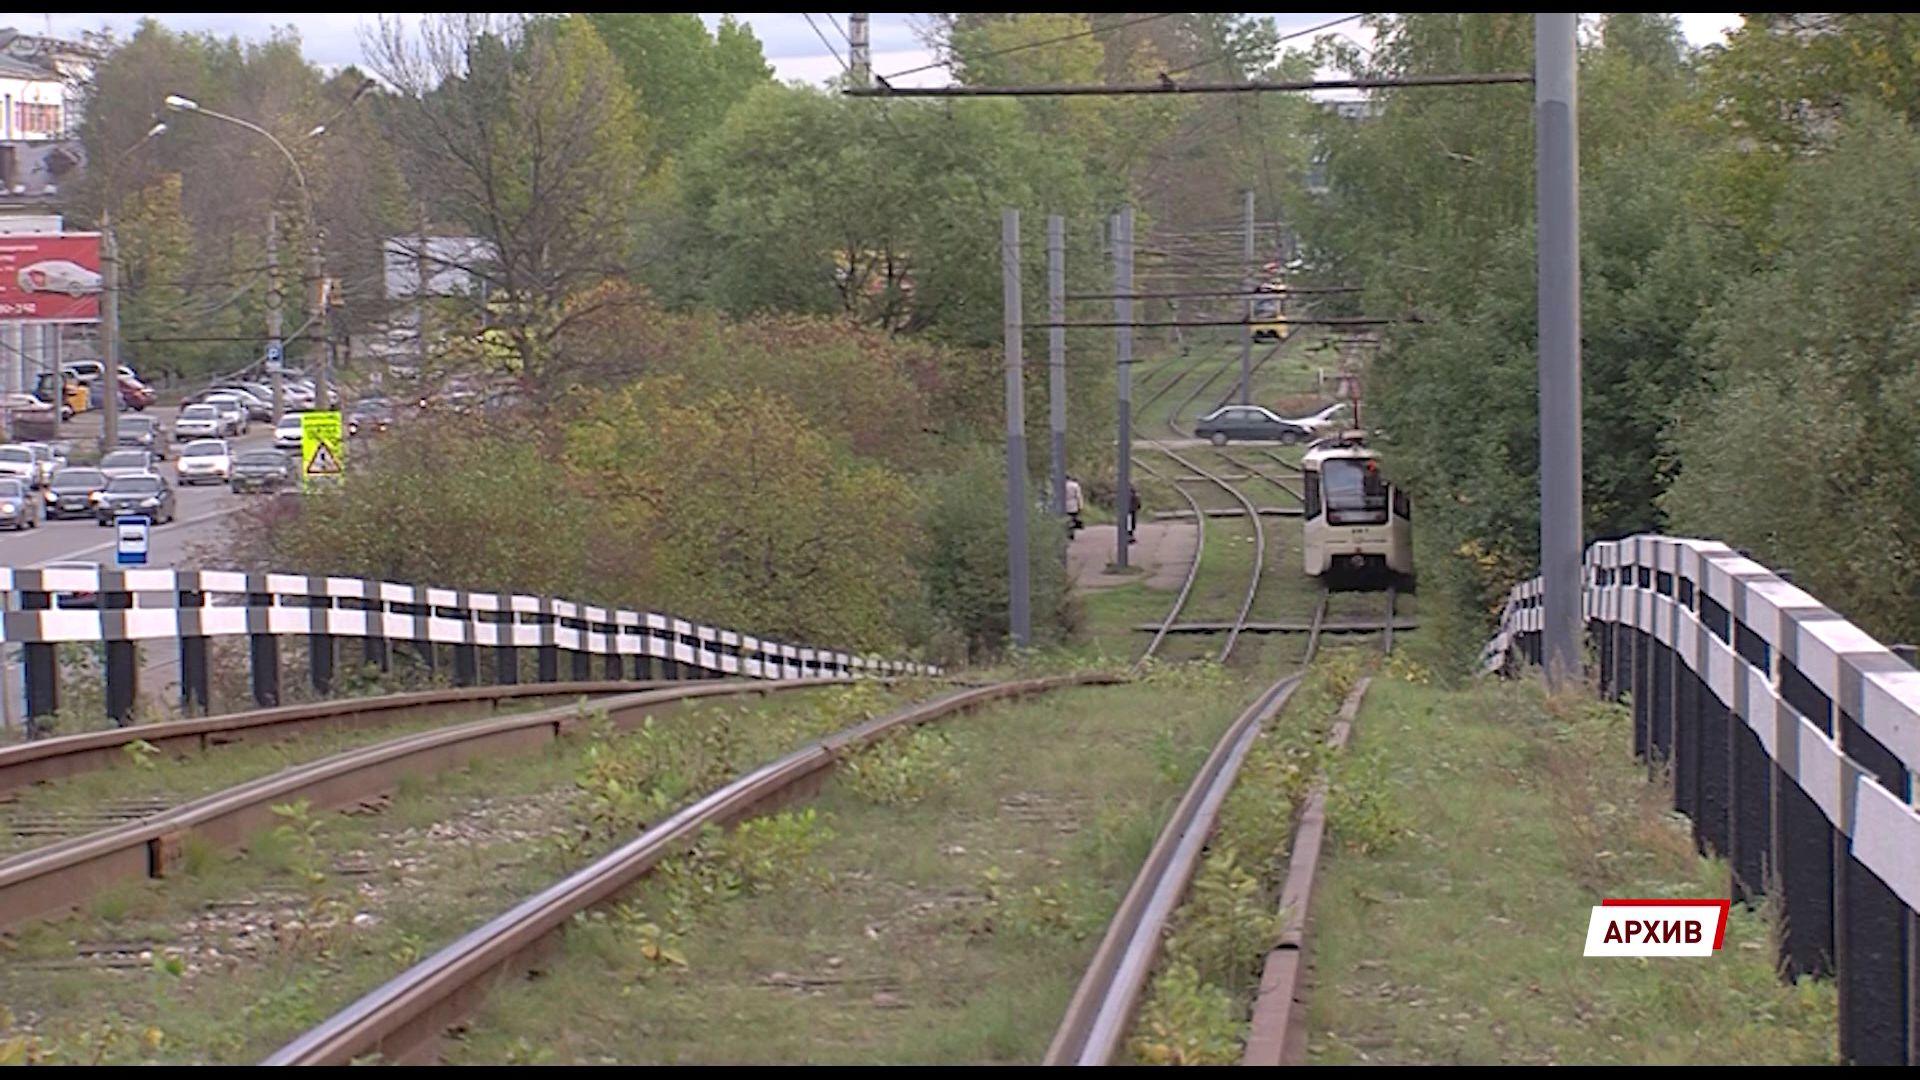 В Ярославле могут закрыть трамвайный маршрут